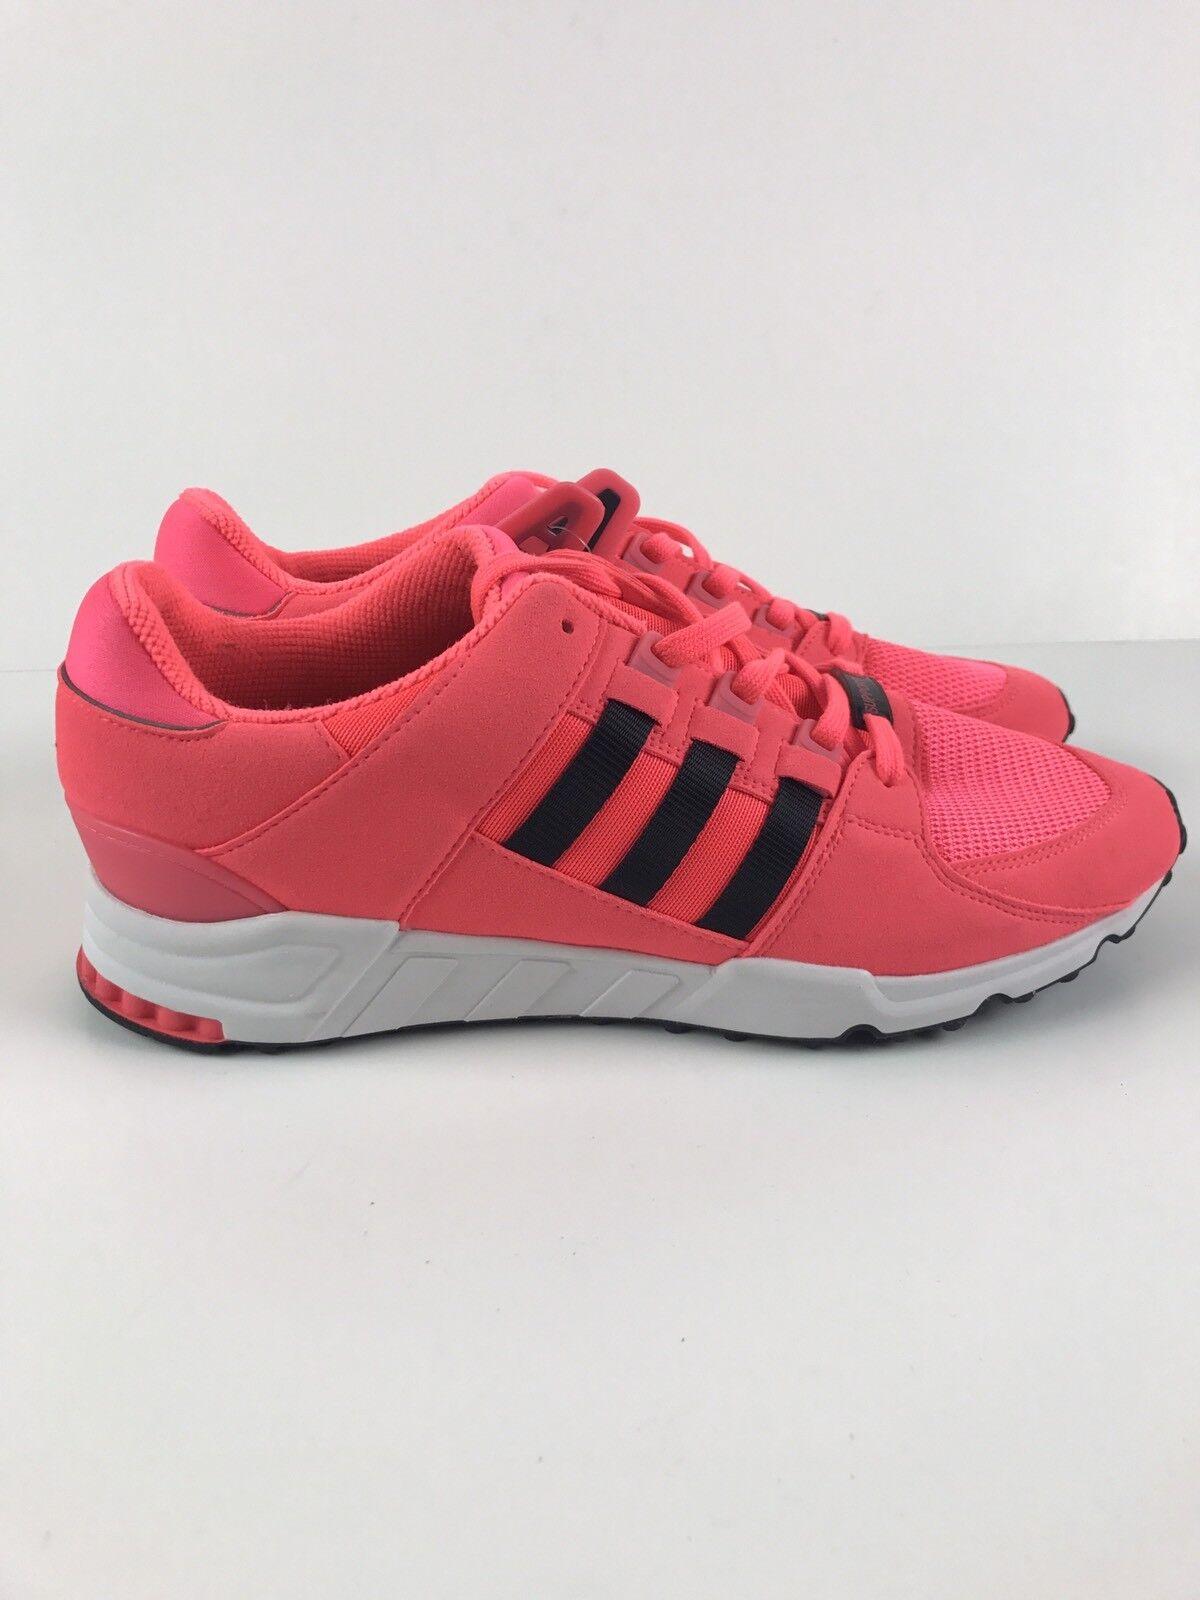 Adidas Adidas Adidas originali eqt   attrezzature di supporto scarpe da uomo ci bb1321 12 13 | In Linea Outlet Store  | Maschio/Ragazze Scarpa  1b190b